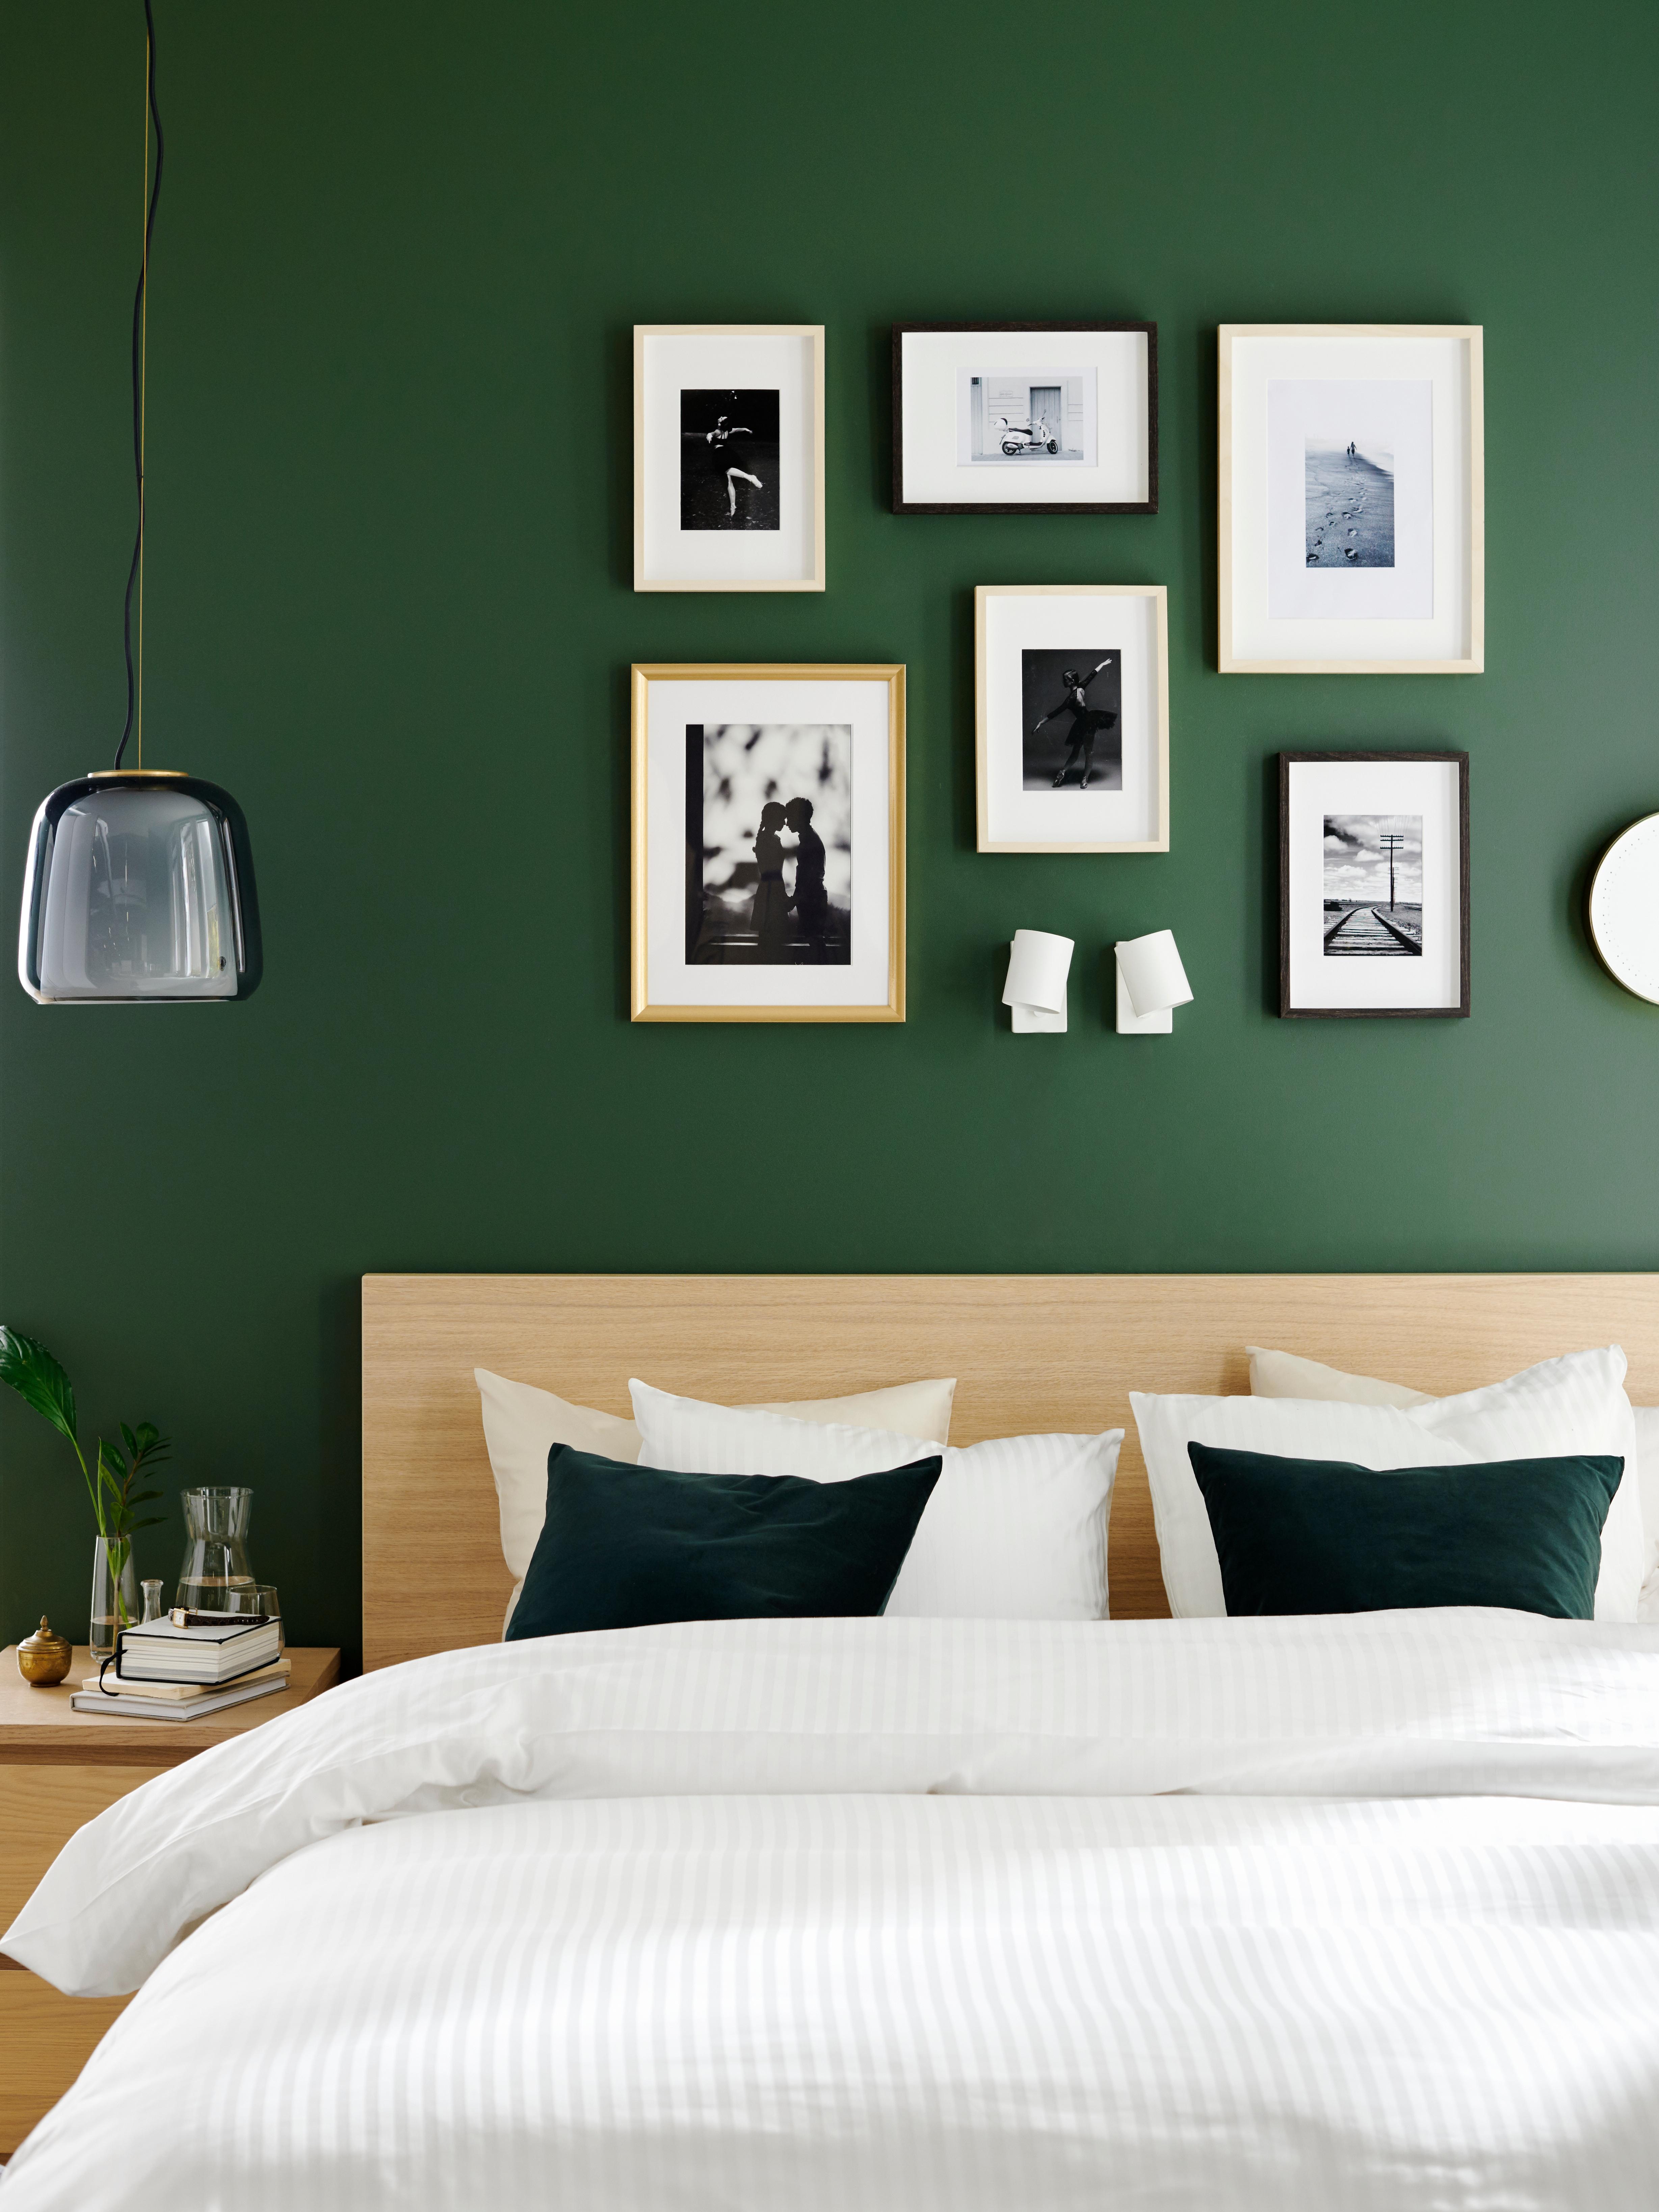 Krevet s uzglavljem od hrastovog furnira, ispred zelenog zida punog slika, od kojih neke imaju SILVERHÖJDEN okvir.